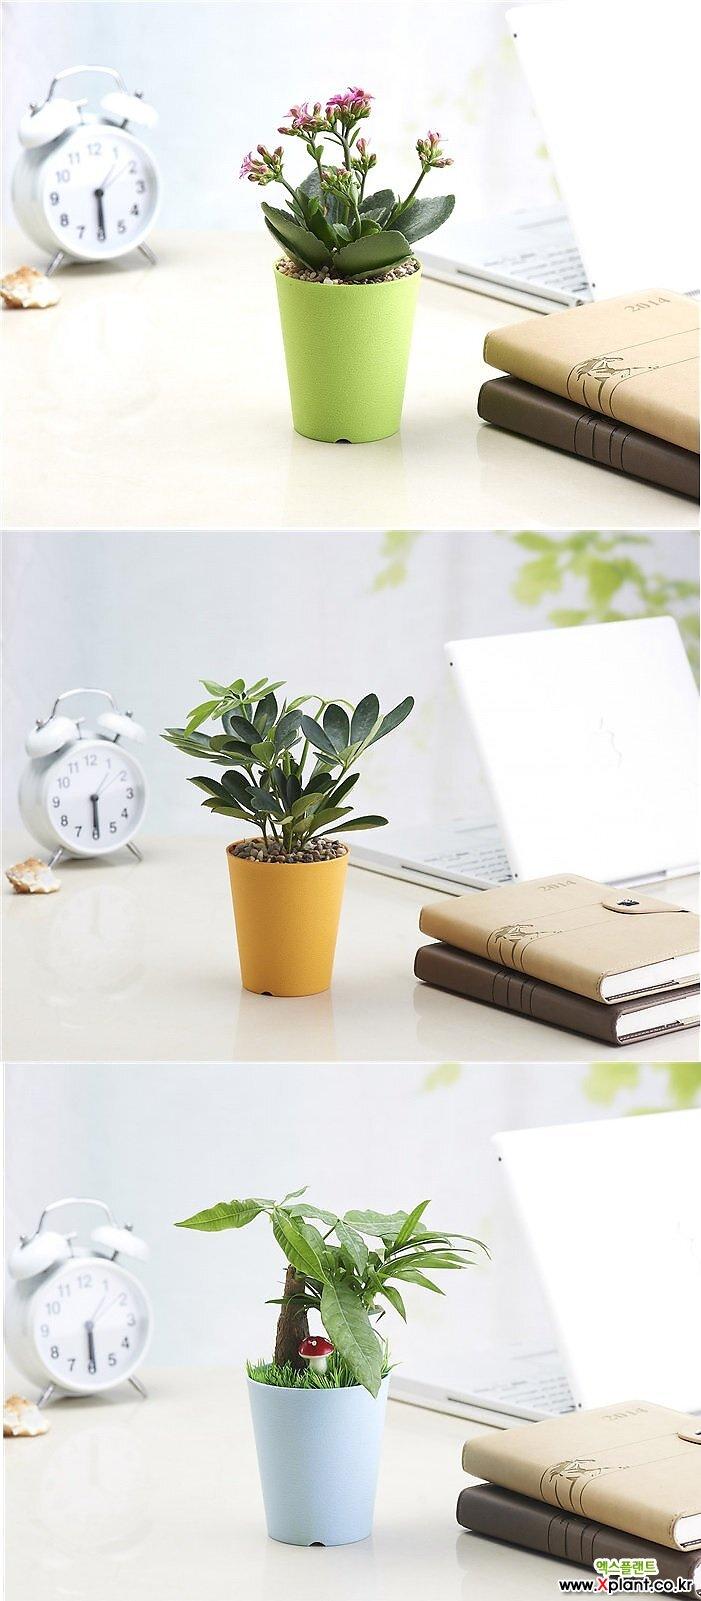 칼라원형[받침포함]플분/고급형/플라스틱화분/행복한꽃그릇